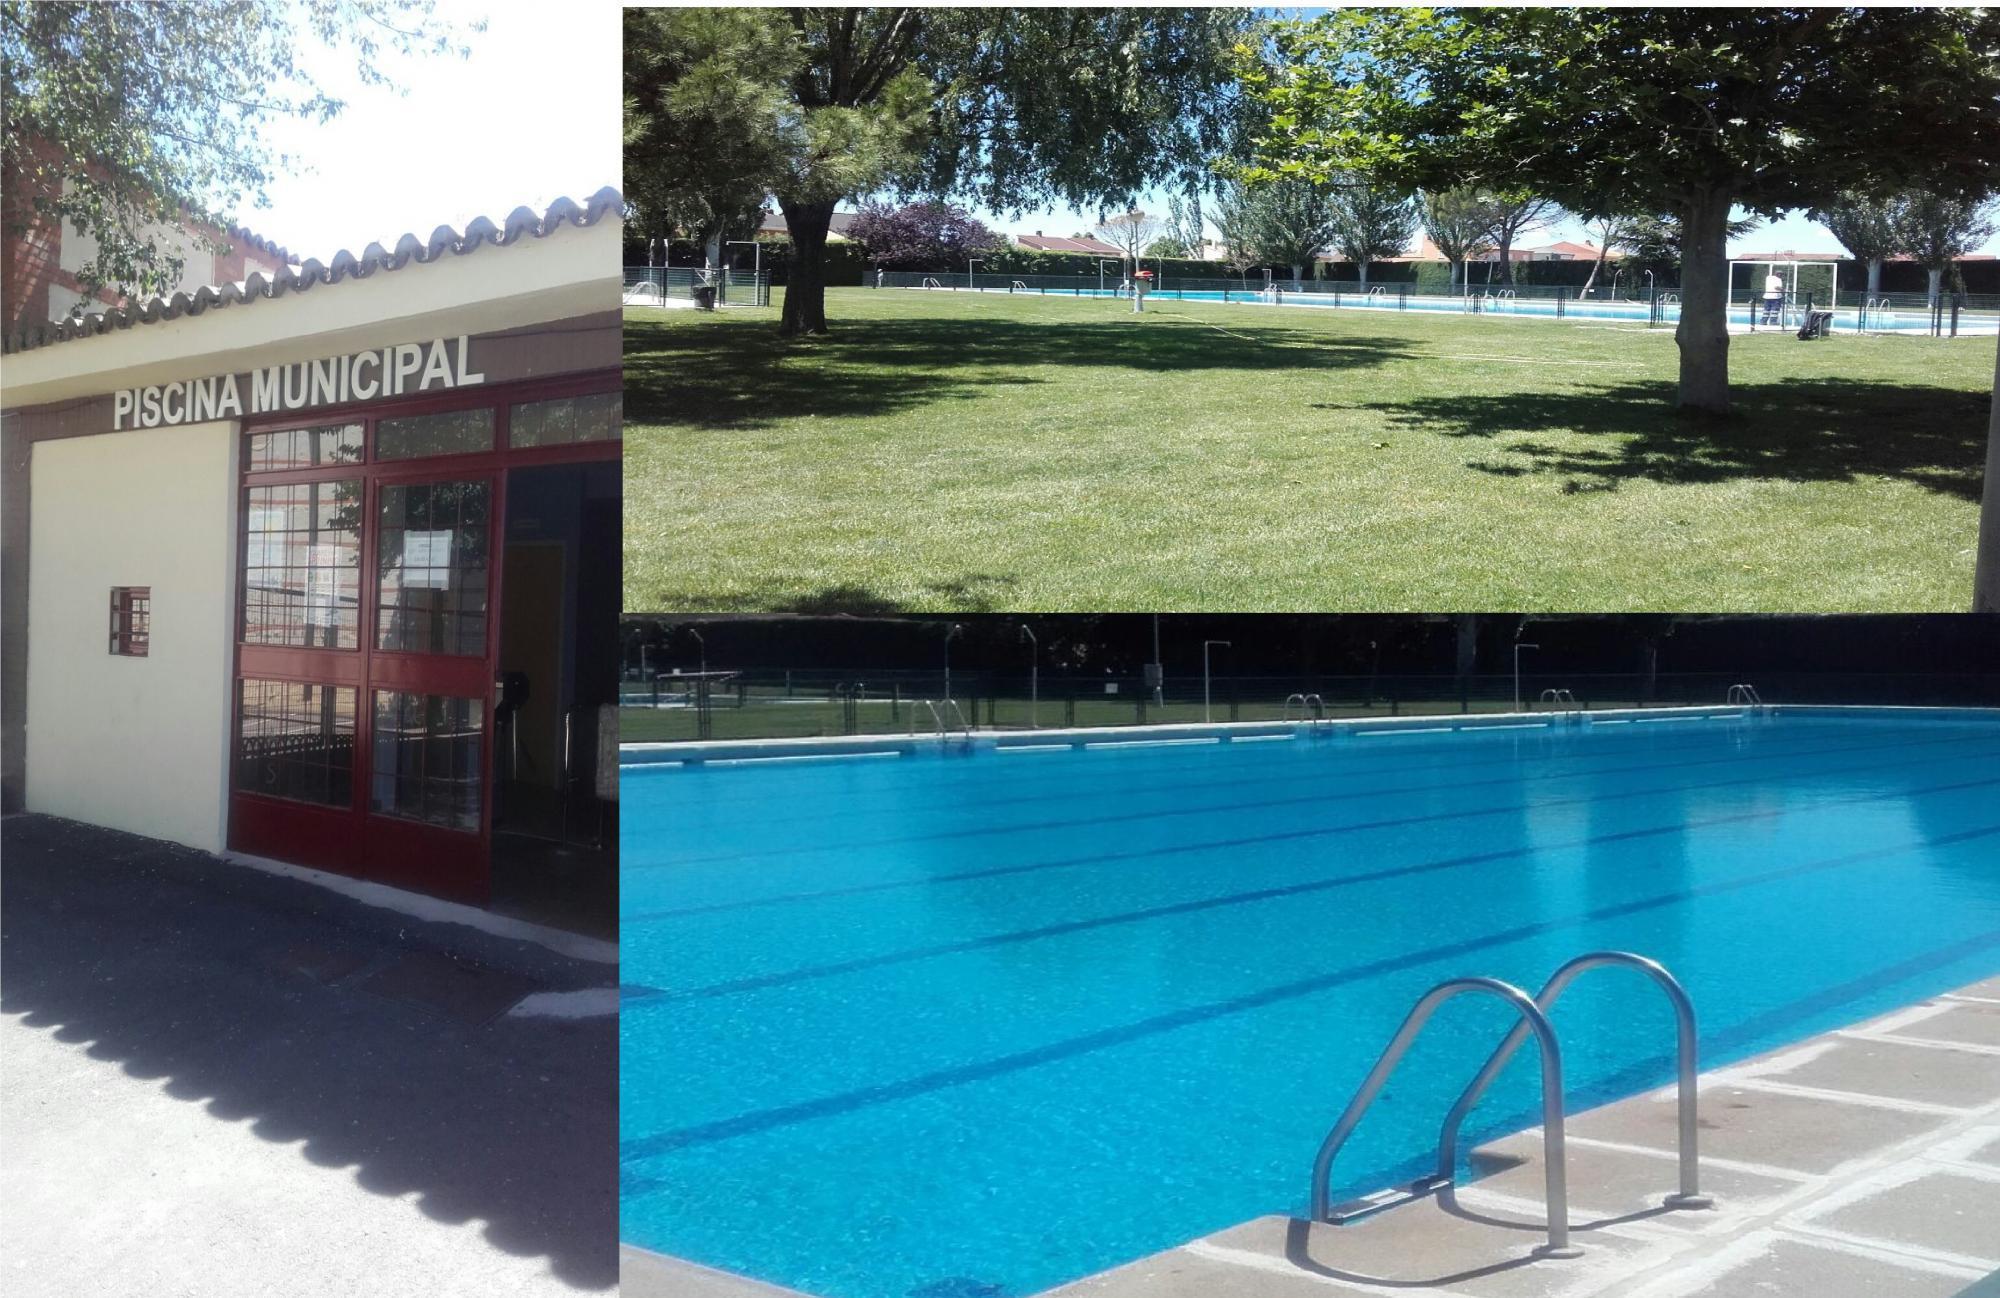 De piscinas precio simple precio piscina de la imagen for Piscina fibra precio